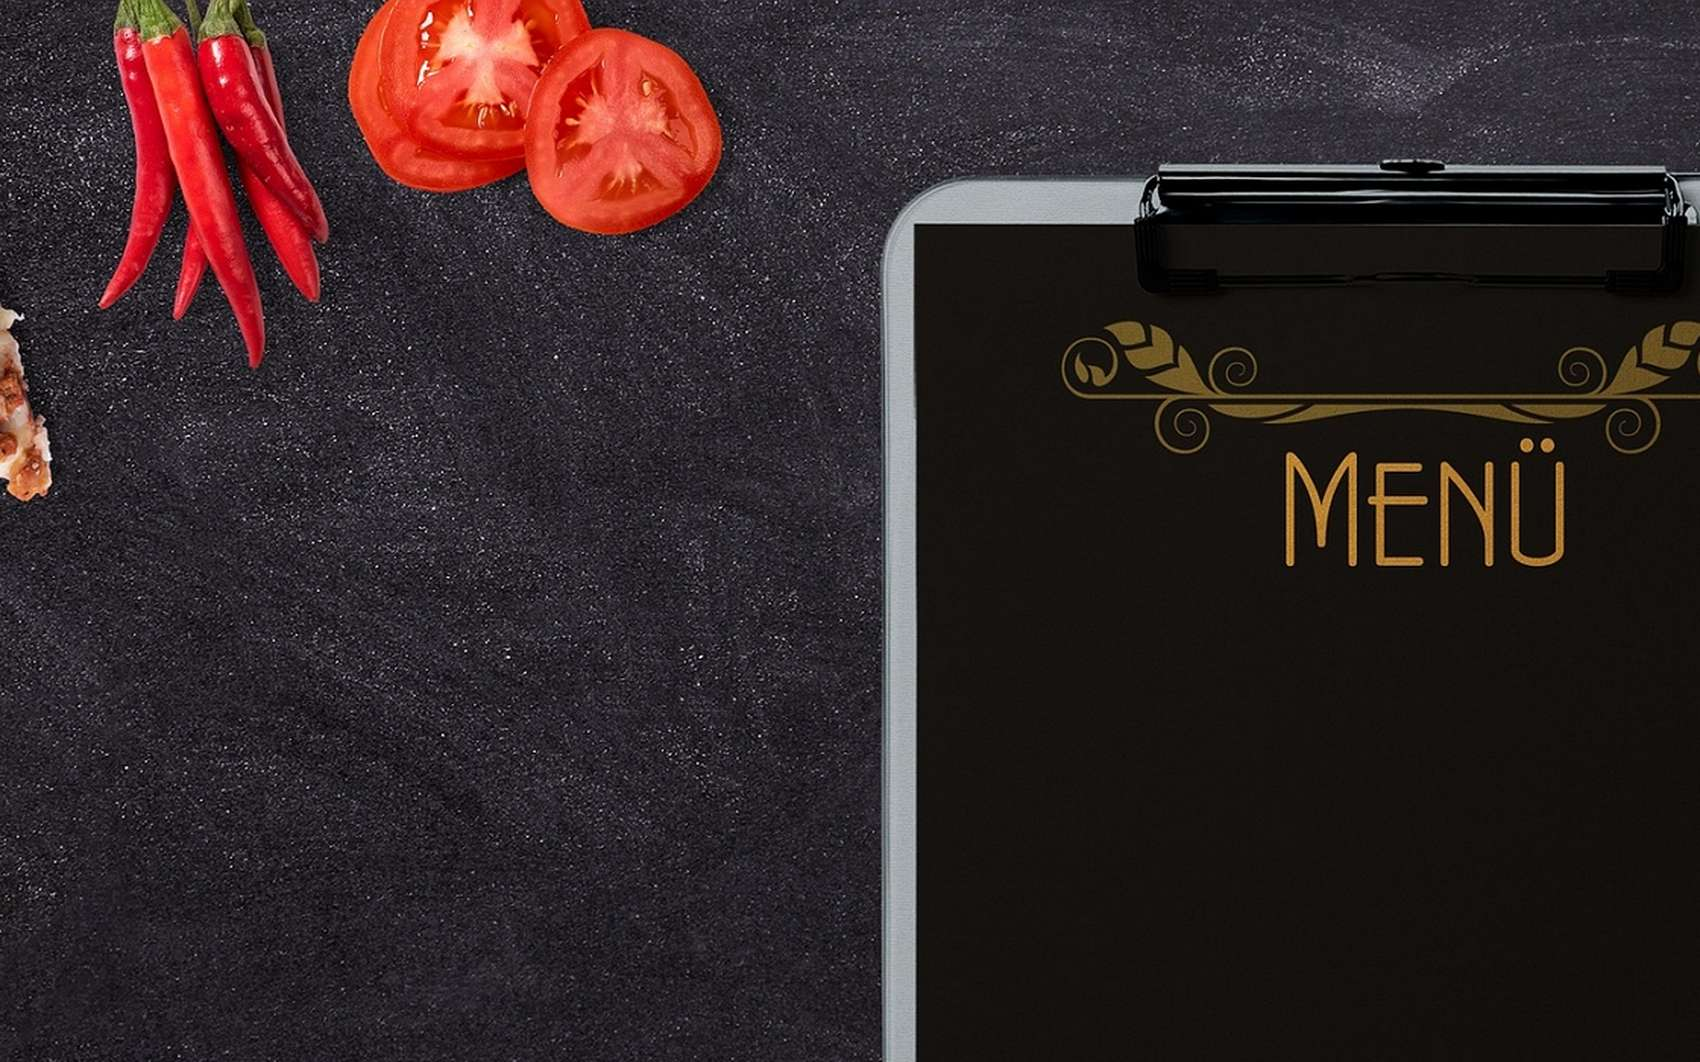 Pendant longtemps, les pizzerias ont dominé le marché de la livraison de repas à domicile. Elles sont aujourd'hui concurrencées par de grandes plateformes internationales faisant appel à des coursiers indépendants. © Pixabay.com